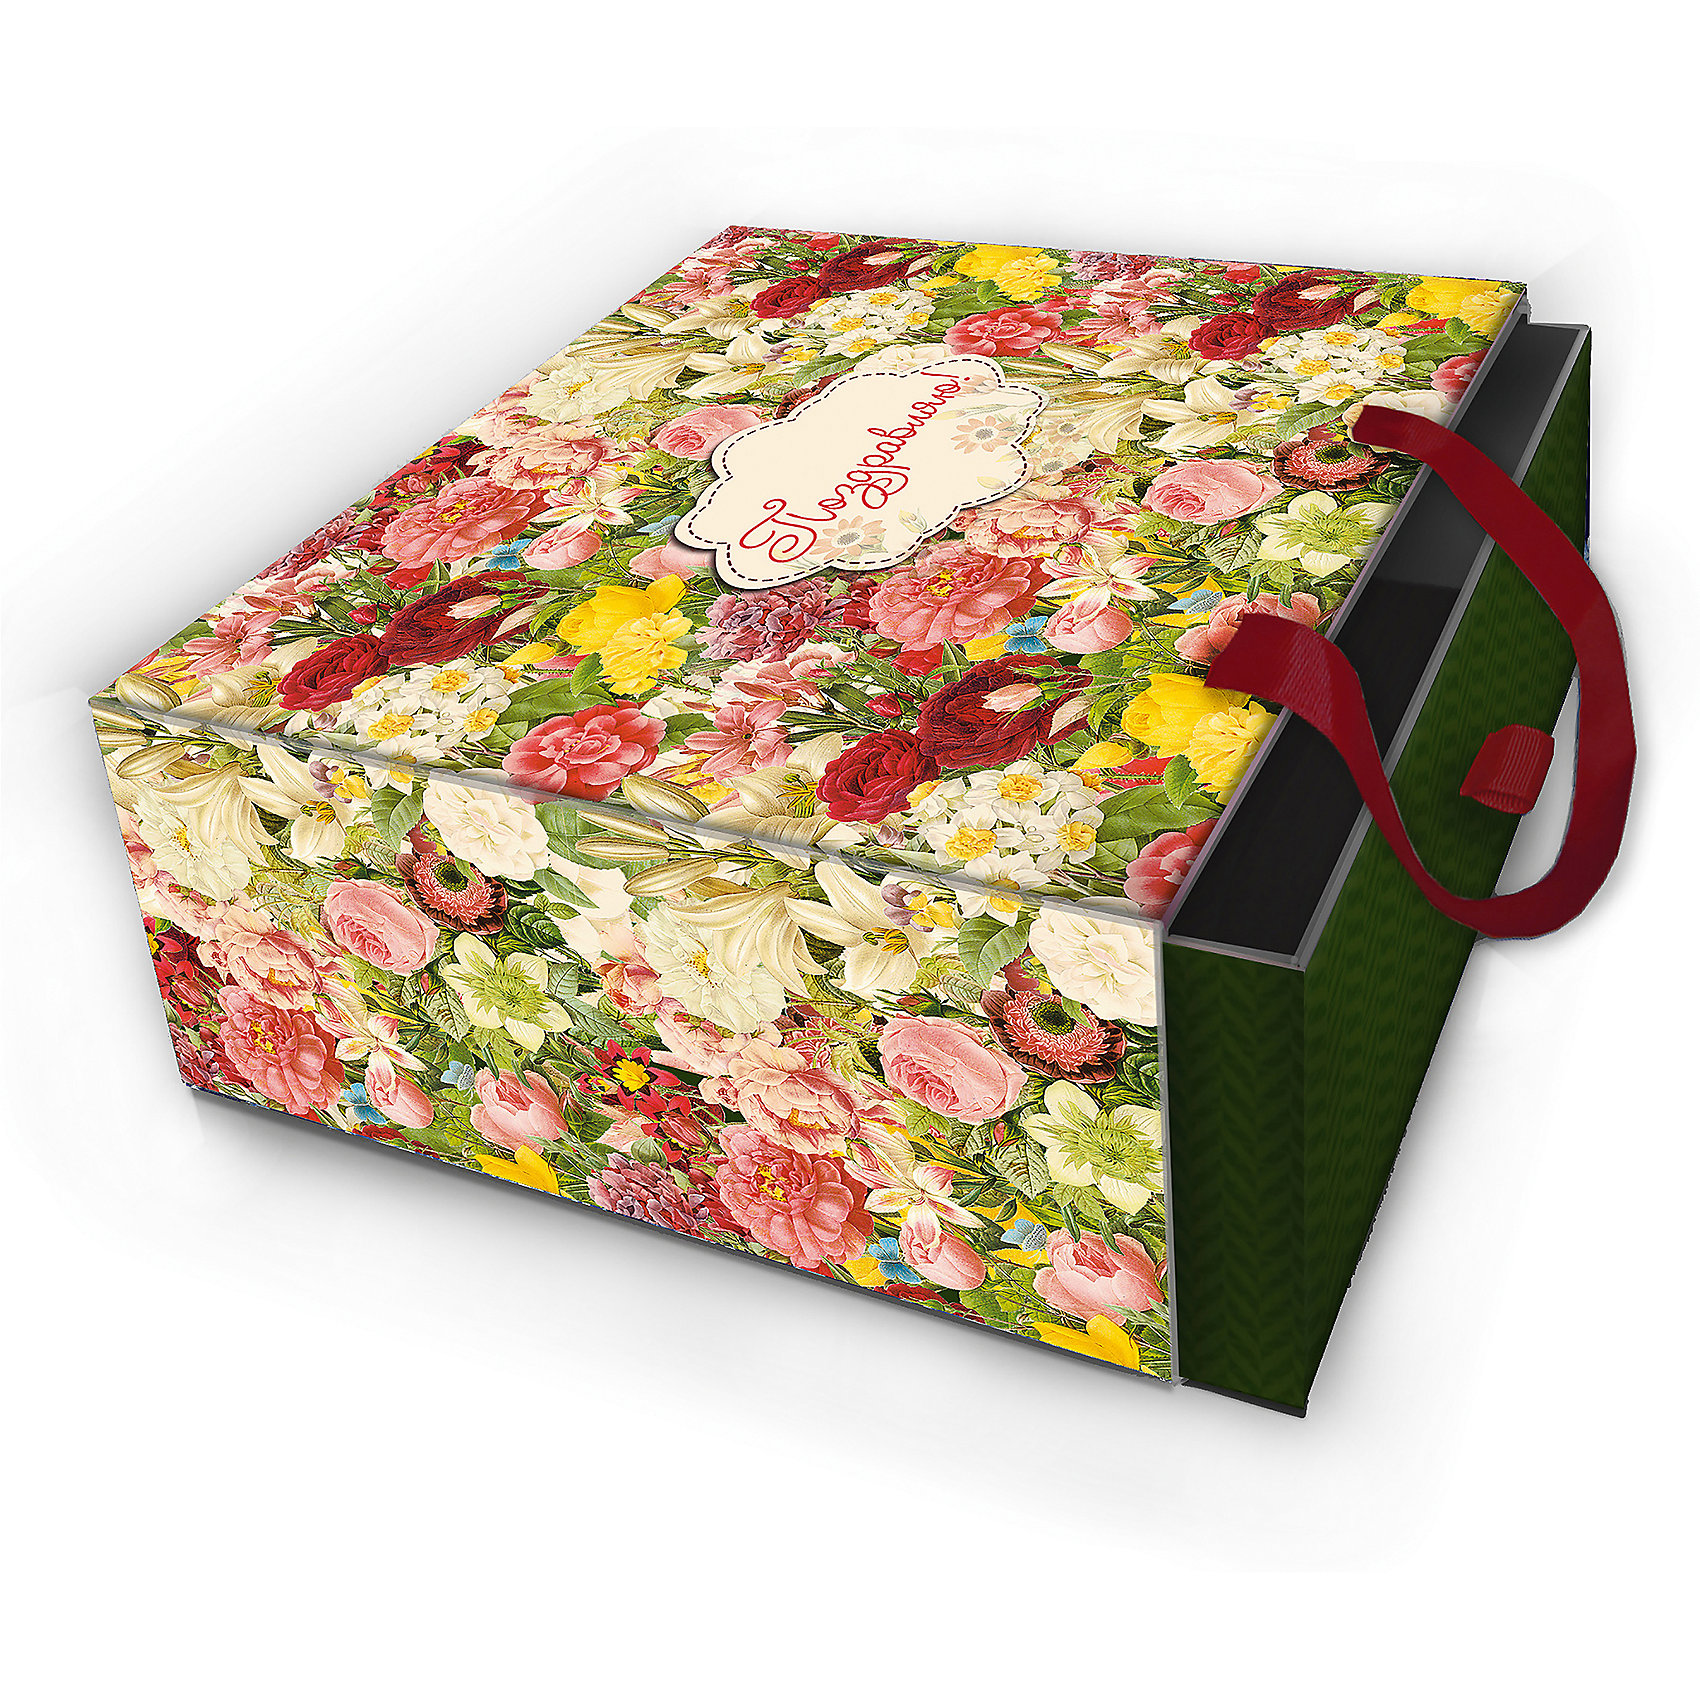 Коробка подарочная Райский сад, 18х18х9,5см., Феникс-ПрезентКоробка подарочная Райский сад, 18х18х9,5см., Феникс-Презент<br><br>Характеристики:<br><br>• оригинальный дизайн<br>• удобные ручки на внешней стороне<br>• петелька на внутренней части<br>• размер: 18х18х9,5 см<br>• материал: ламинированный картон, текстиль<br><br>Если вы хотите добавить подарку оригинальности - используйте необычную подарочную коробку. Коробка Райский сад изготовлена из прочного ламинированного картона. Она состоит из двух частей. Внутренняя часть вставляется в наружную. На внутренней части есть небольшая петелька, с помощью которой получатель с легкостью достанет подарок. Наружная часть имеет две красивые ручки для удобства переноски. Коробка оформлена ярким изображением цветов.<br><br>Коробку подарочную Райский сад, 18х18х9,5см., Феникс-Презент можно купить в нашем интернет-магазине.<br><br>Ширина мм: 180<br>Глубина мм: 180<br>Высота мм: 95<br>Вес г: 243<br>Возраст от месяцев: 36<br>Возраст до месяцев: 2147483647<br>Пол: Унисекс<br>Возраст: Детский<br>SKU: 5449640